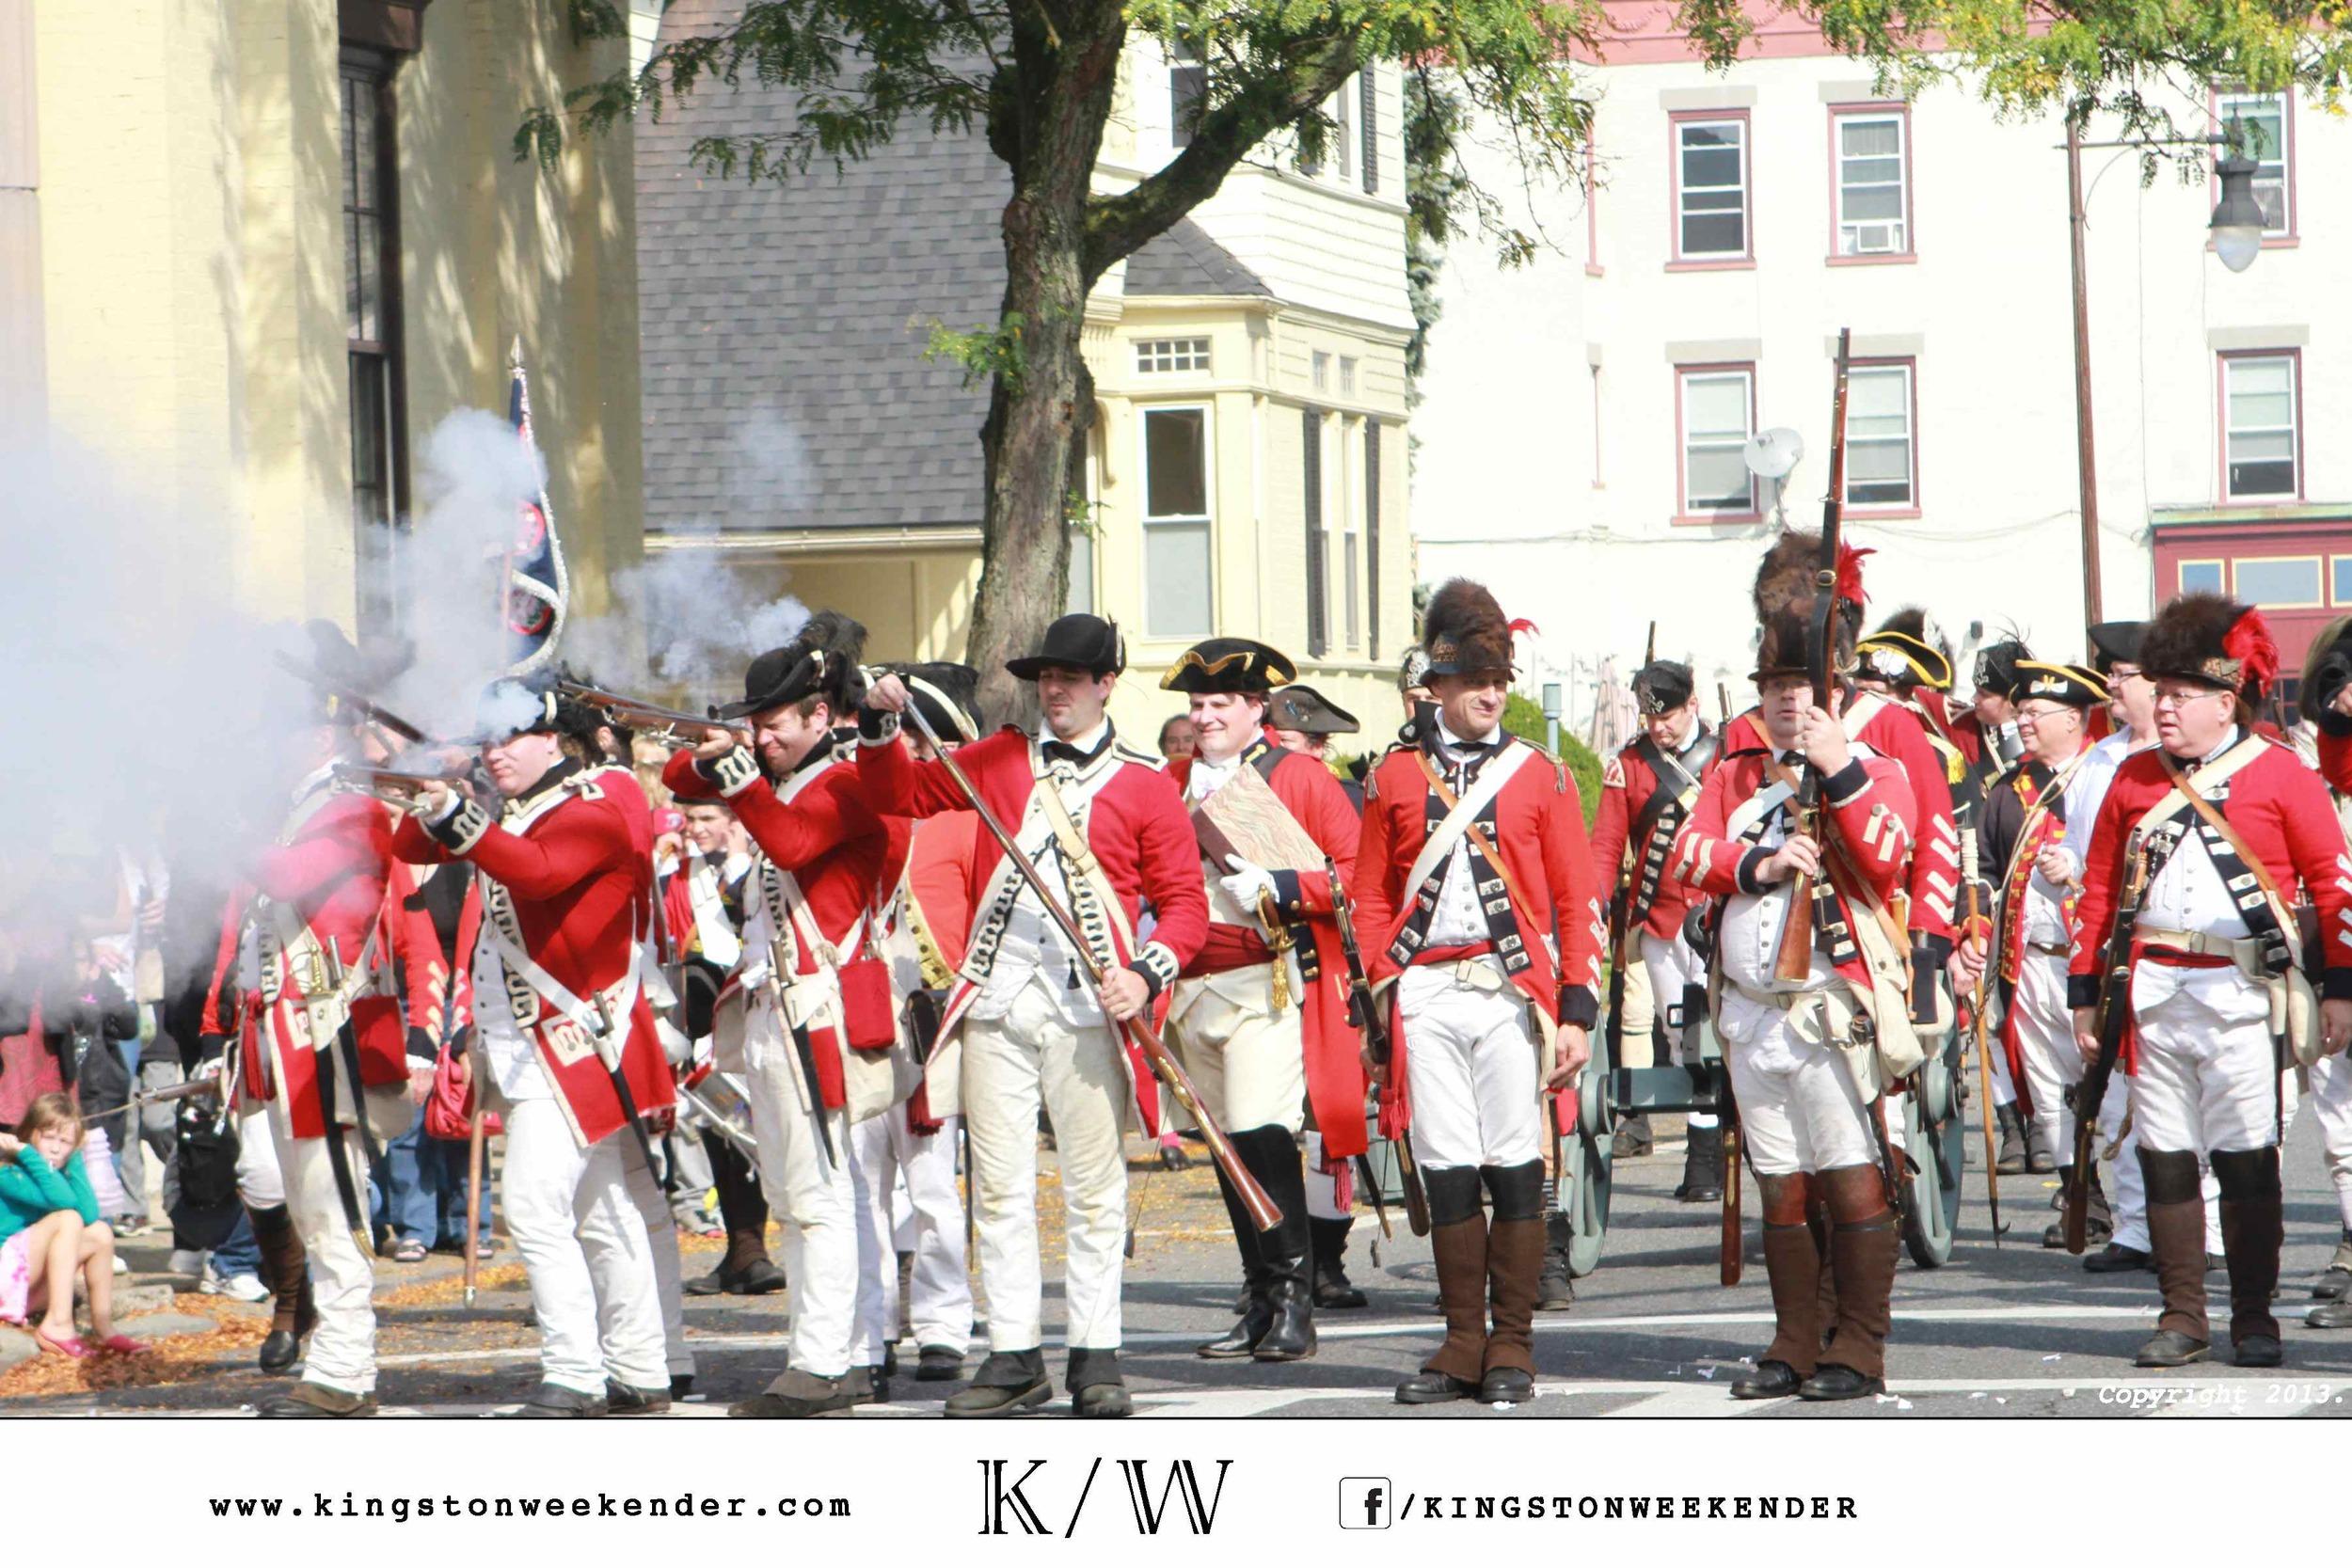 kingston-weekender-photo-credits16.jpg